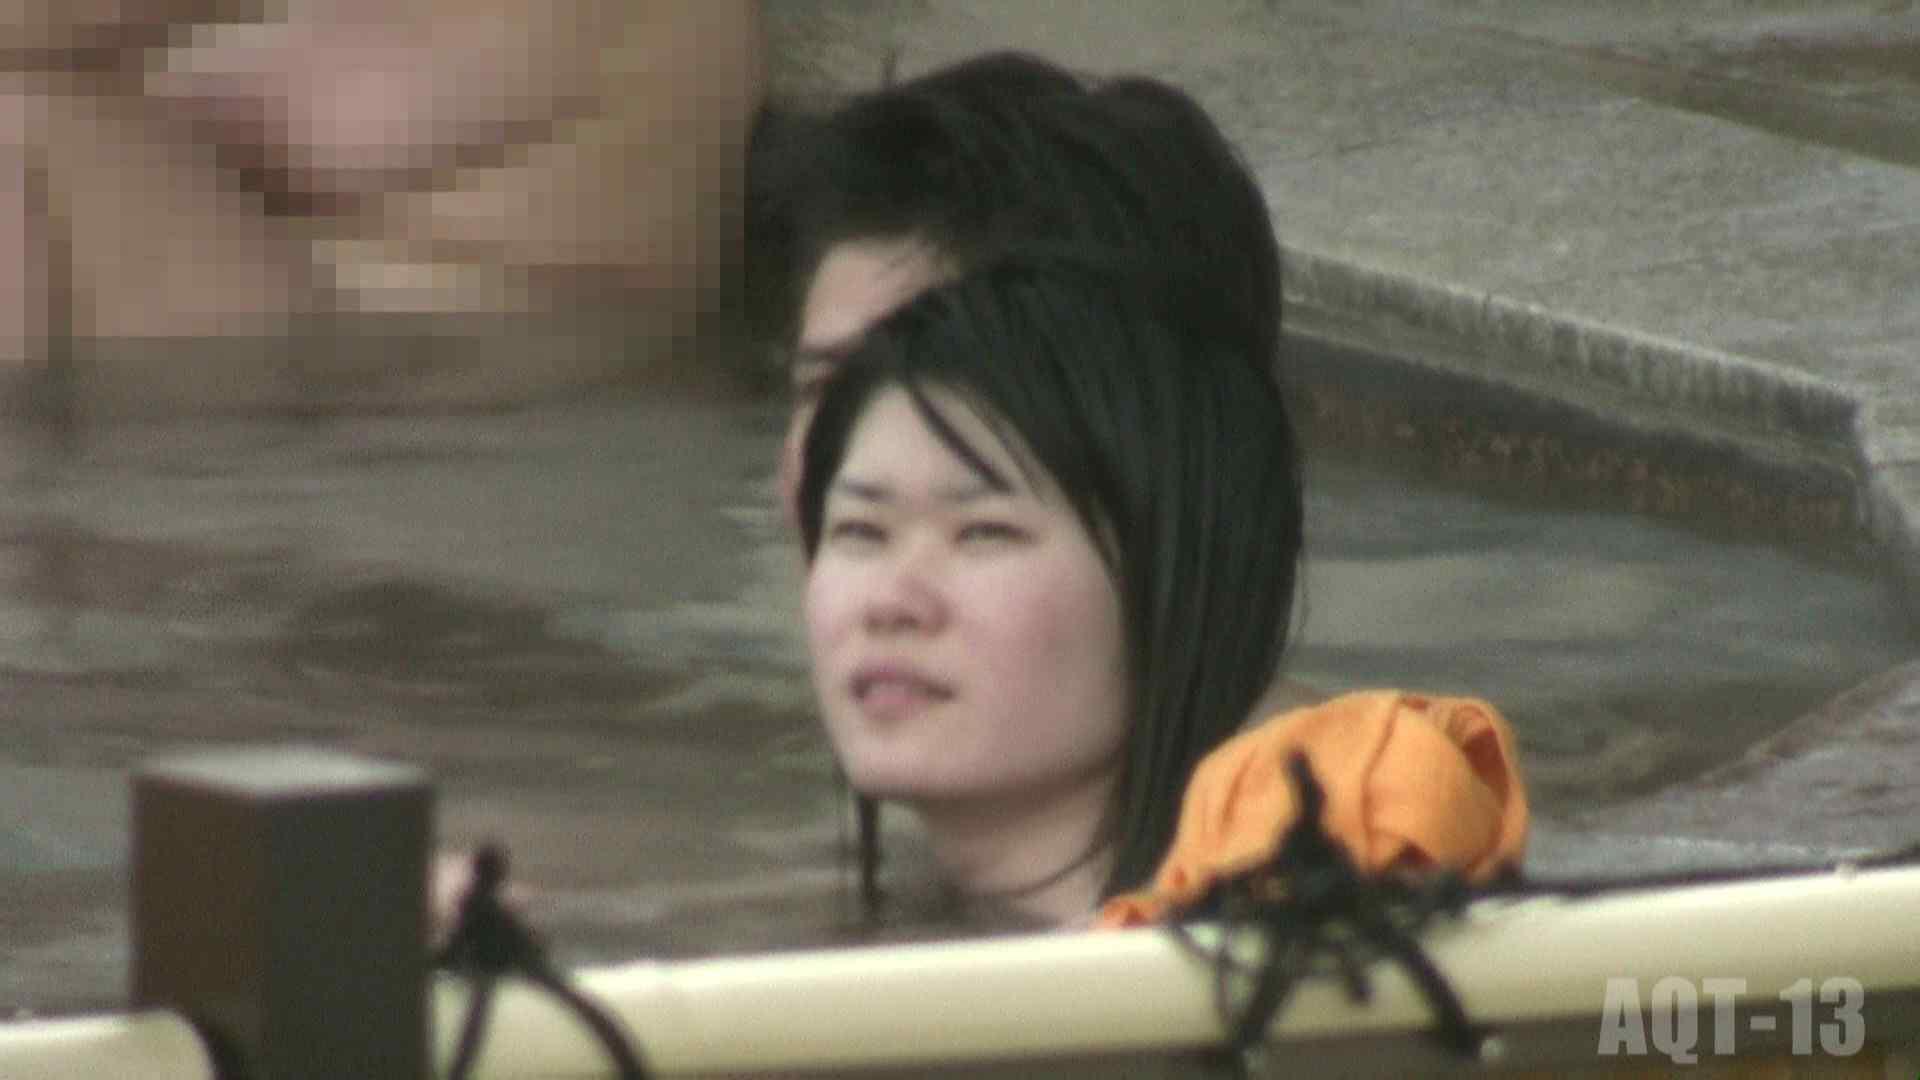 Aquaな露天風呂Vol.813 OLエロ画像 | 露天  113PICs 4